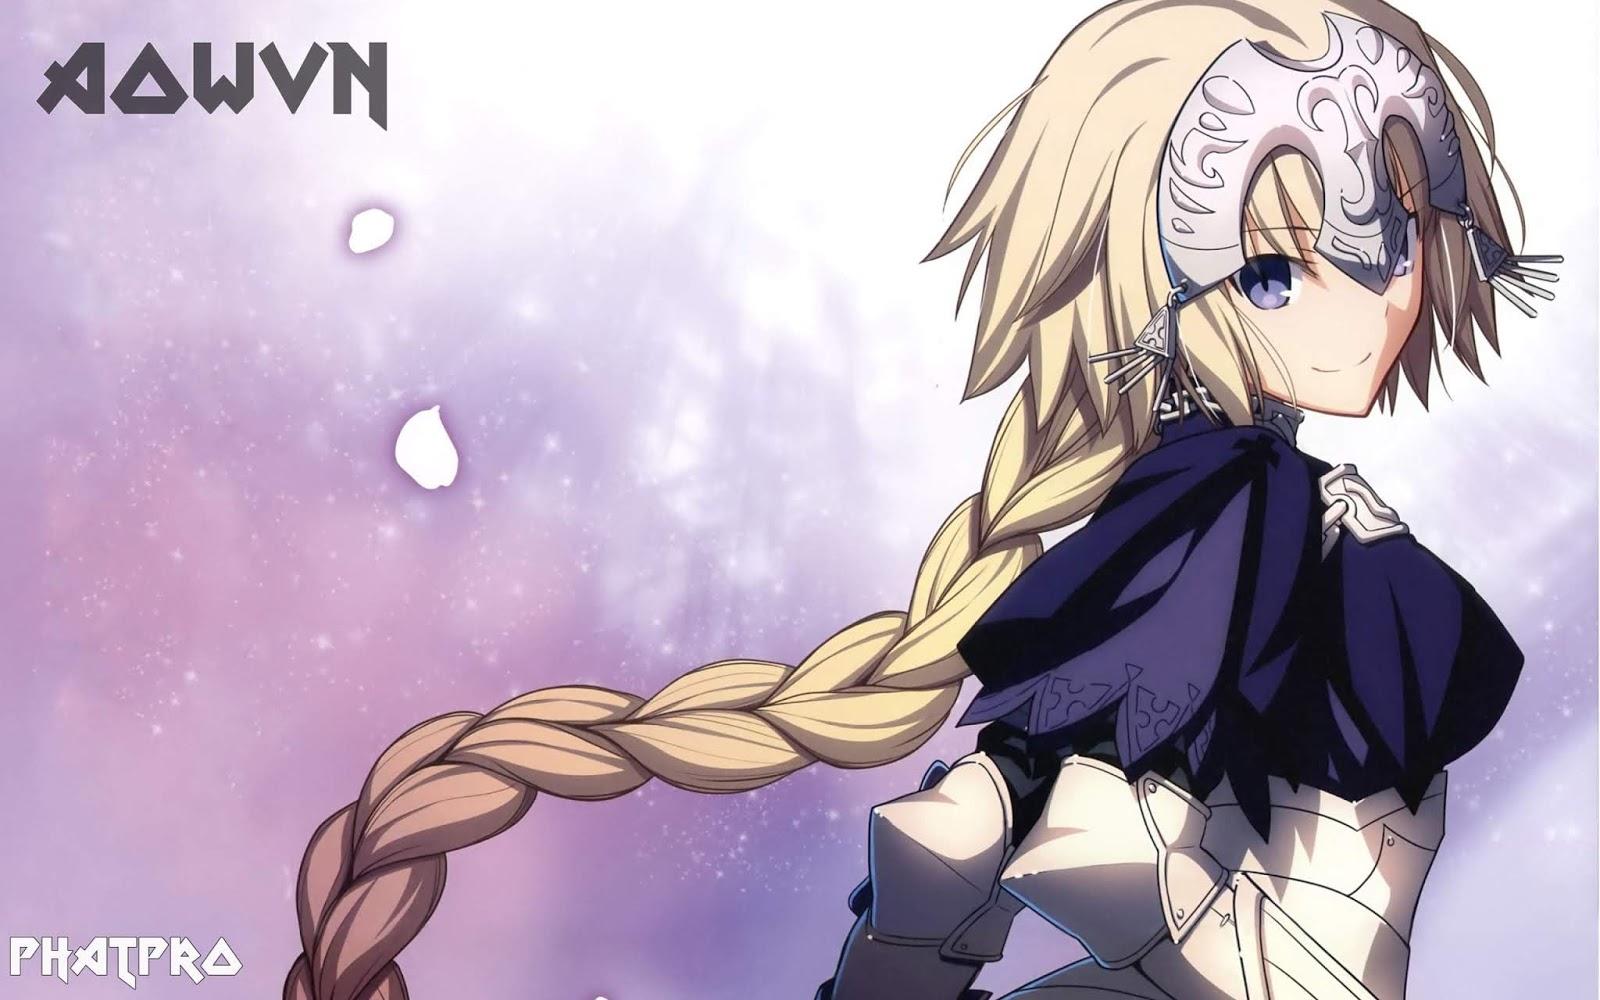 Fate%2B %2BPhatpro%2B%25289%2529 min - [ Anime 3gp Mp4 ] Series Fate : Thứ Tự Xem Theo Năm Sản Xuất Chuẩn Nhất - Không Xem Rất Là Phí